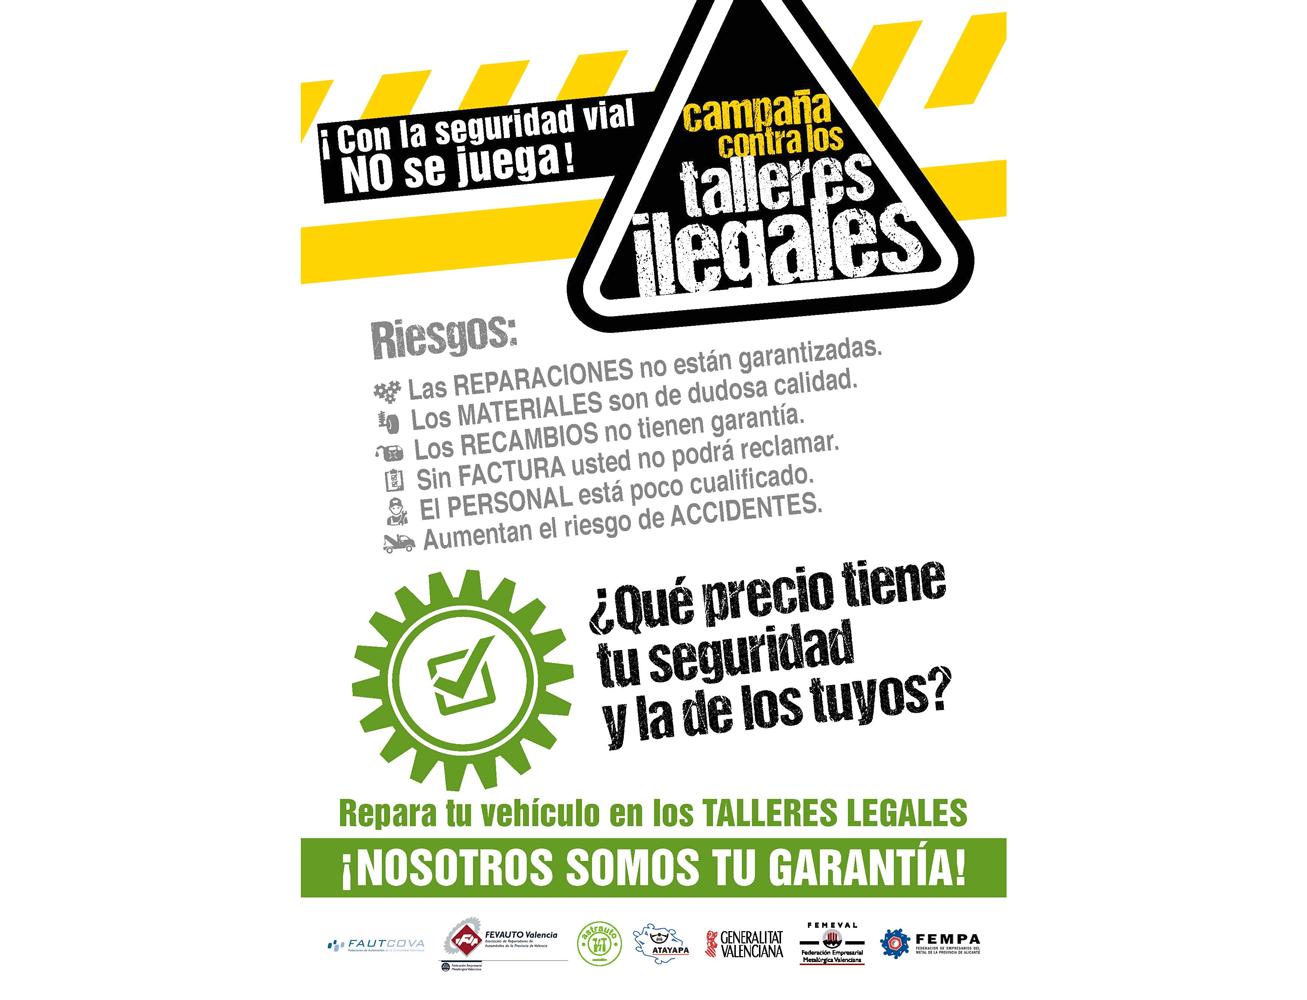 Cartel de la campaña de concienciación social de FAUTCOVA contra los talleres ilegales